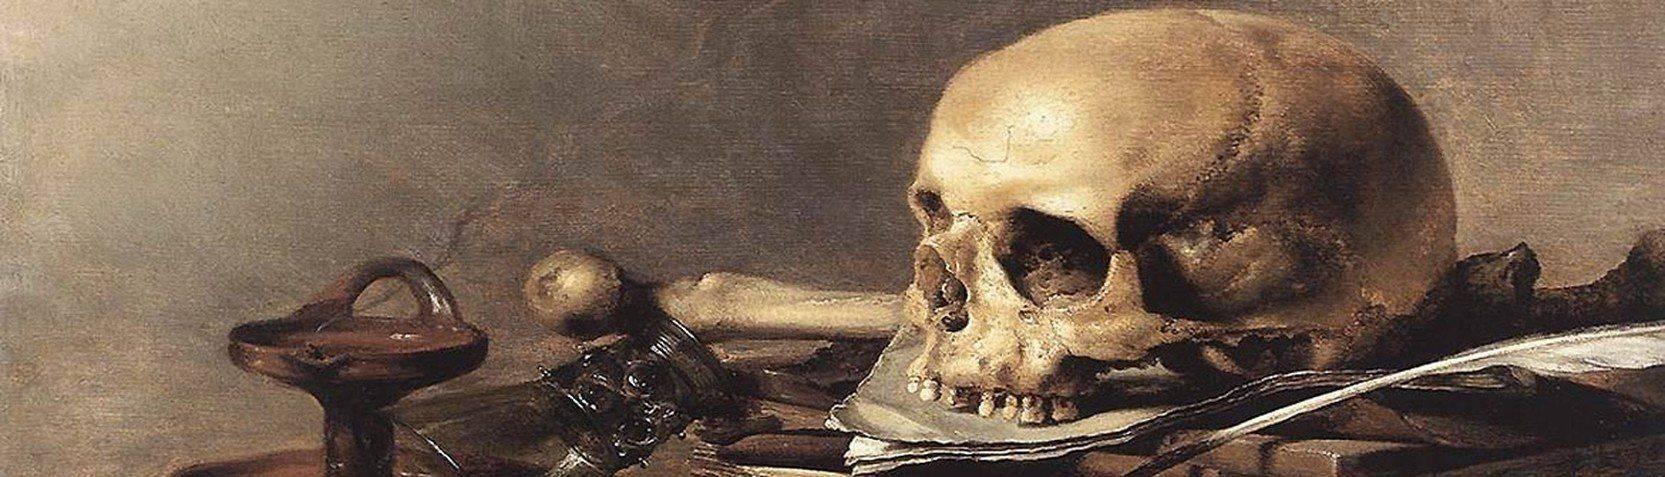 Kollektionen - Tod & Trauer